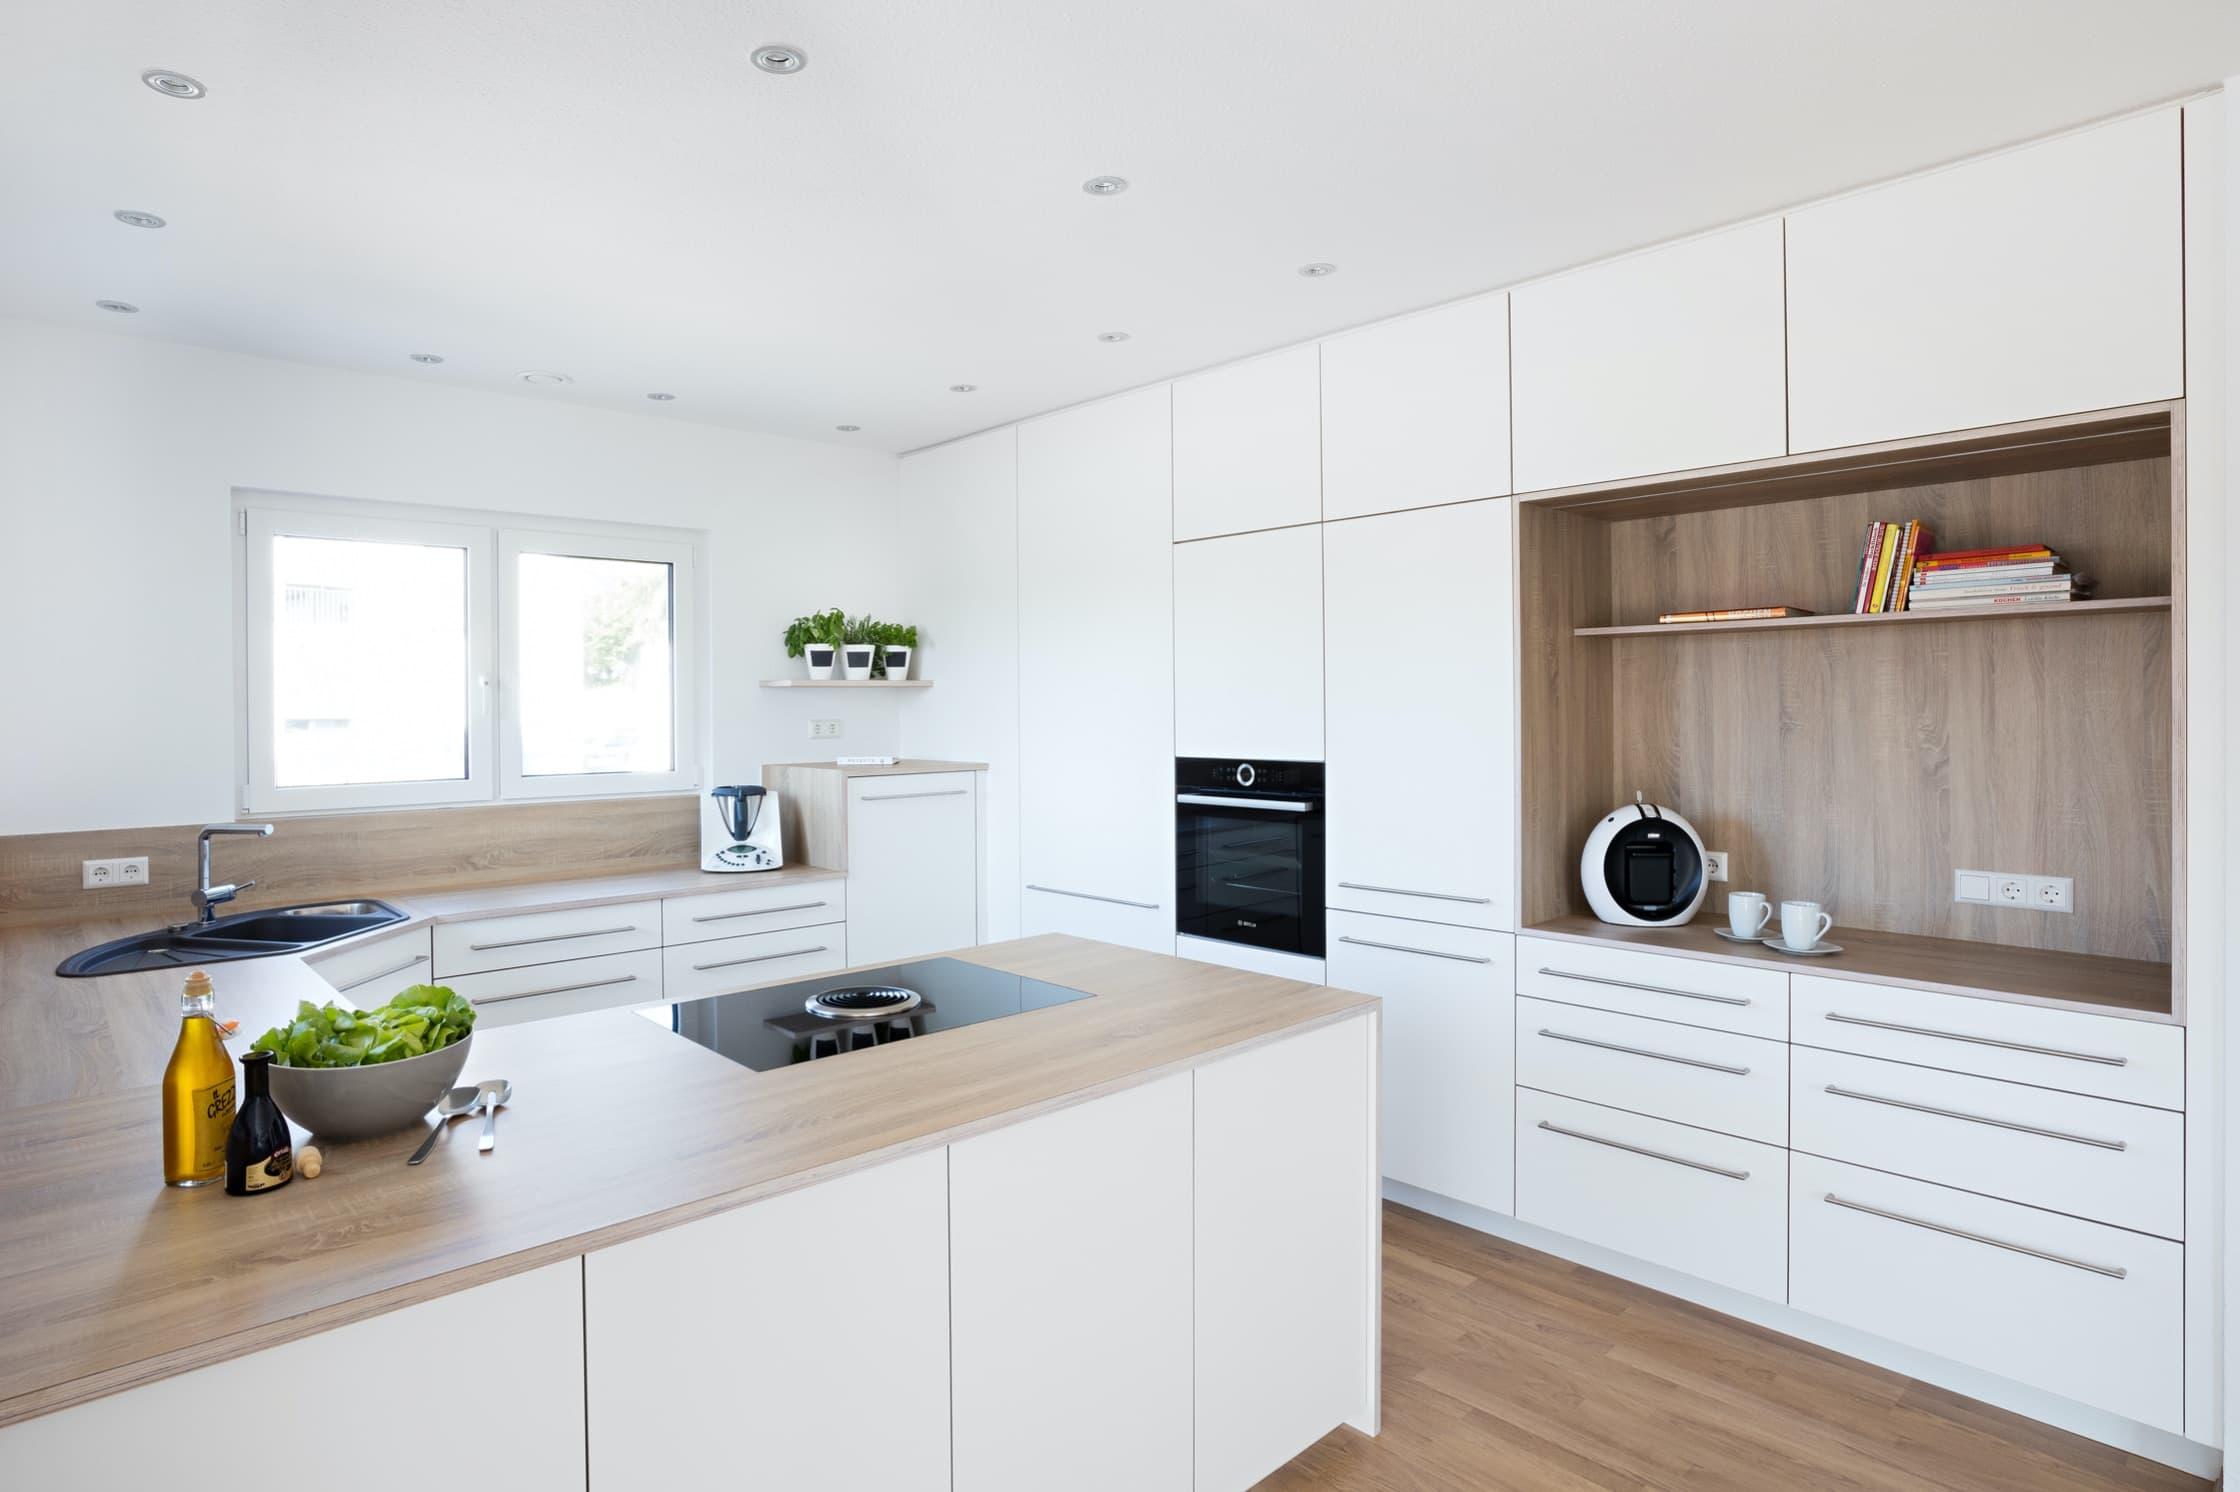 Perfektion von außen bis innen – die NR Küchenausstattung